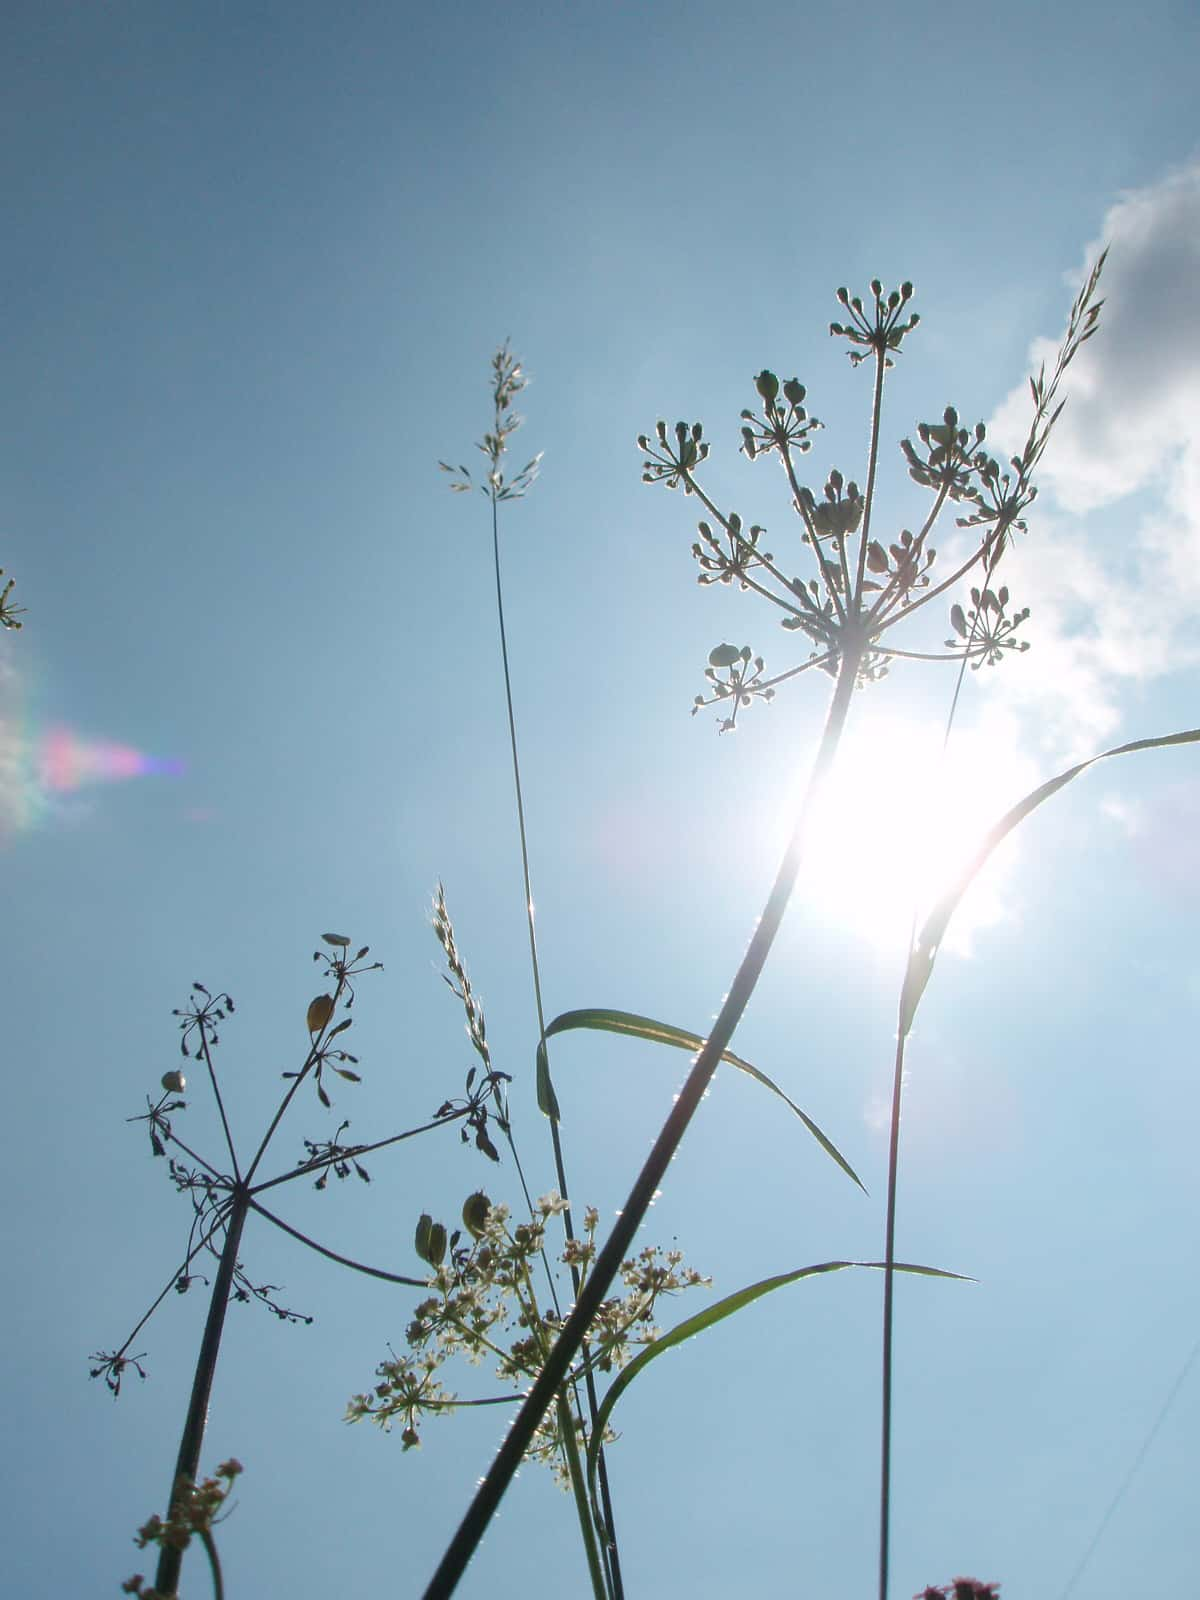 Reconnection cursus brengt innerlijke rust en life purpose. Dat gevoel straalt deze foto van een bloem met gras stengel tegen een blauwe serene hemel uit